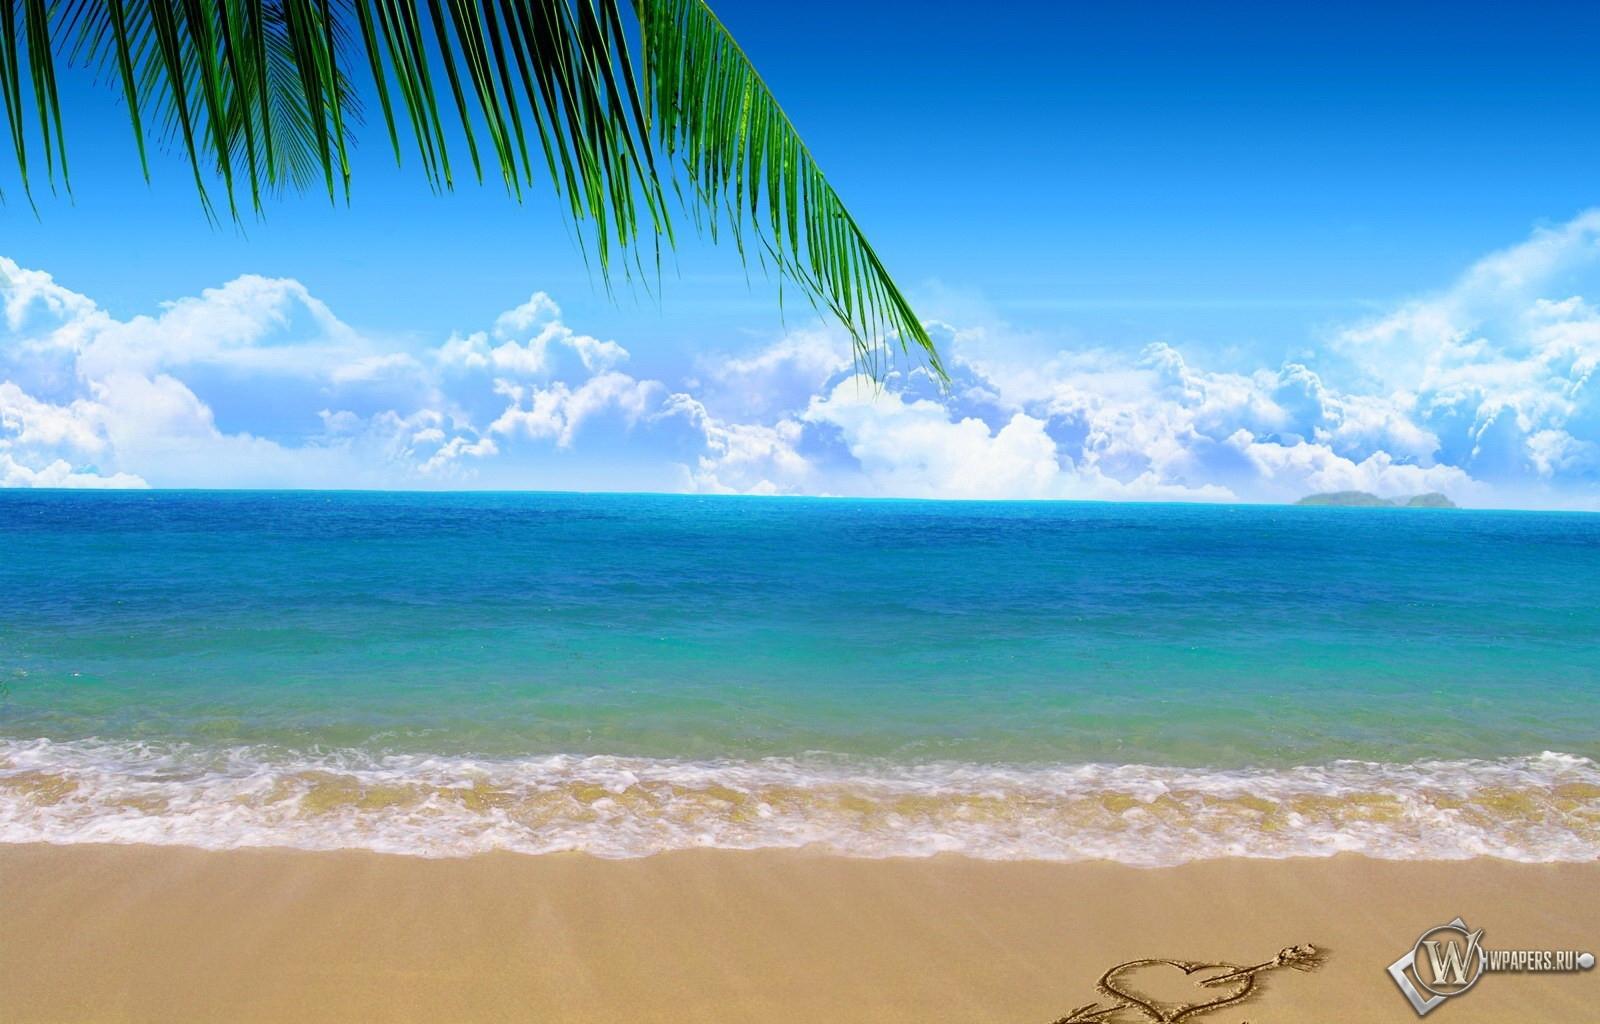 Море пляж обоев 122 песок обоев 110 море